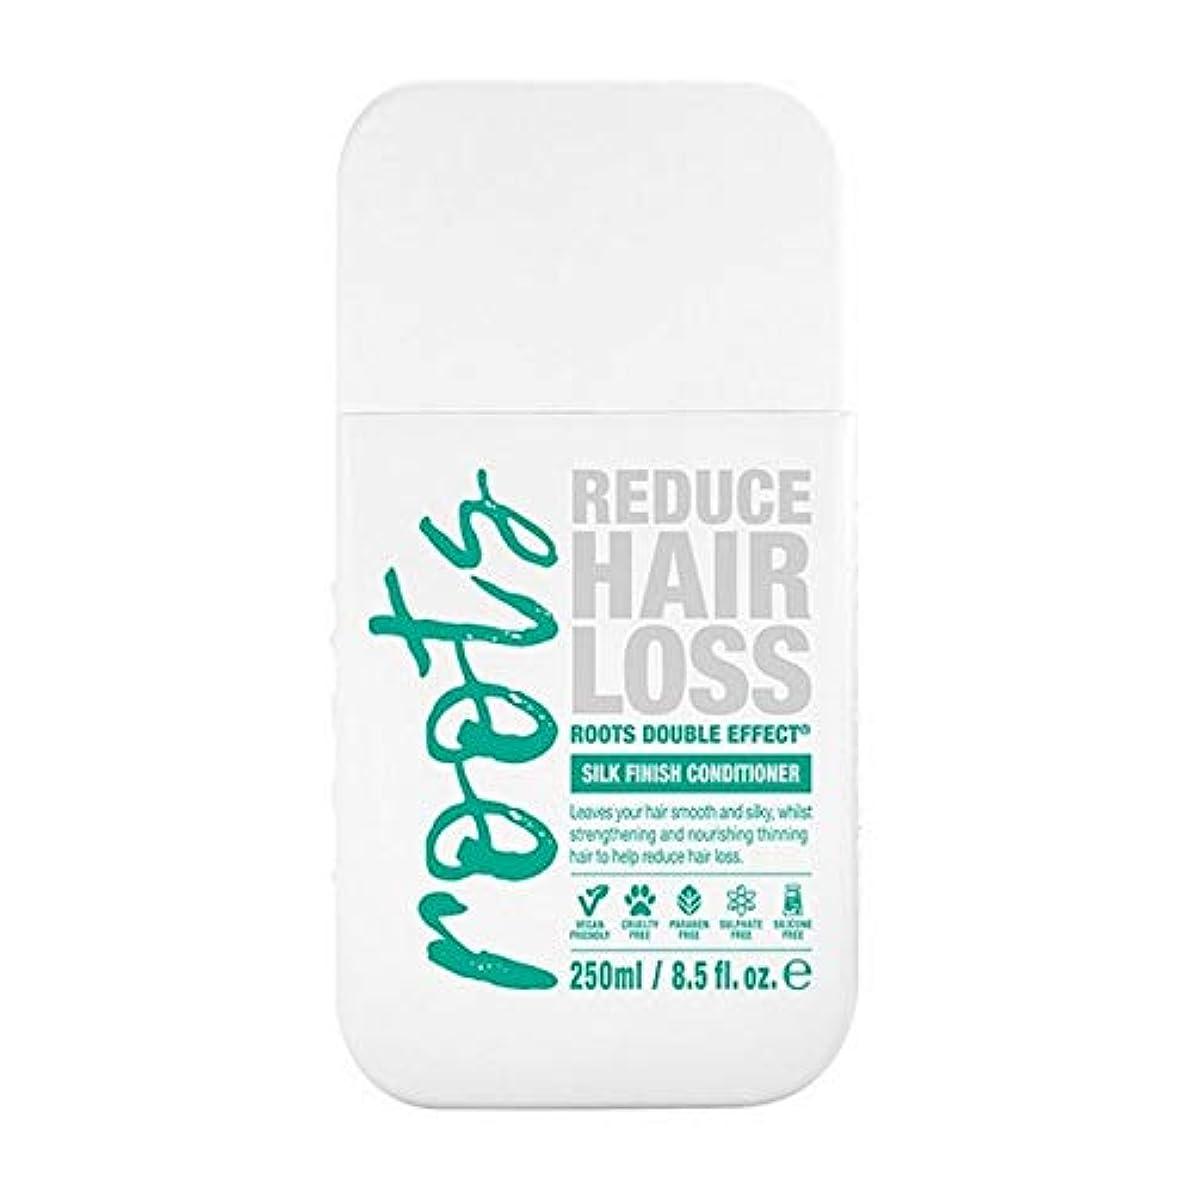 天皇カートン話[Roots ] 根のダブル効果育毛シャンプー250Ml - Roots Double Effect Hair Growth Conditioner 250ml [並行輸入品]